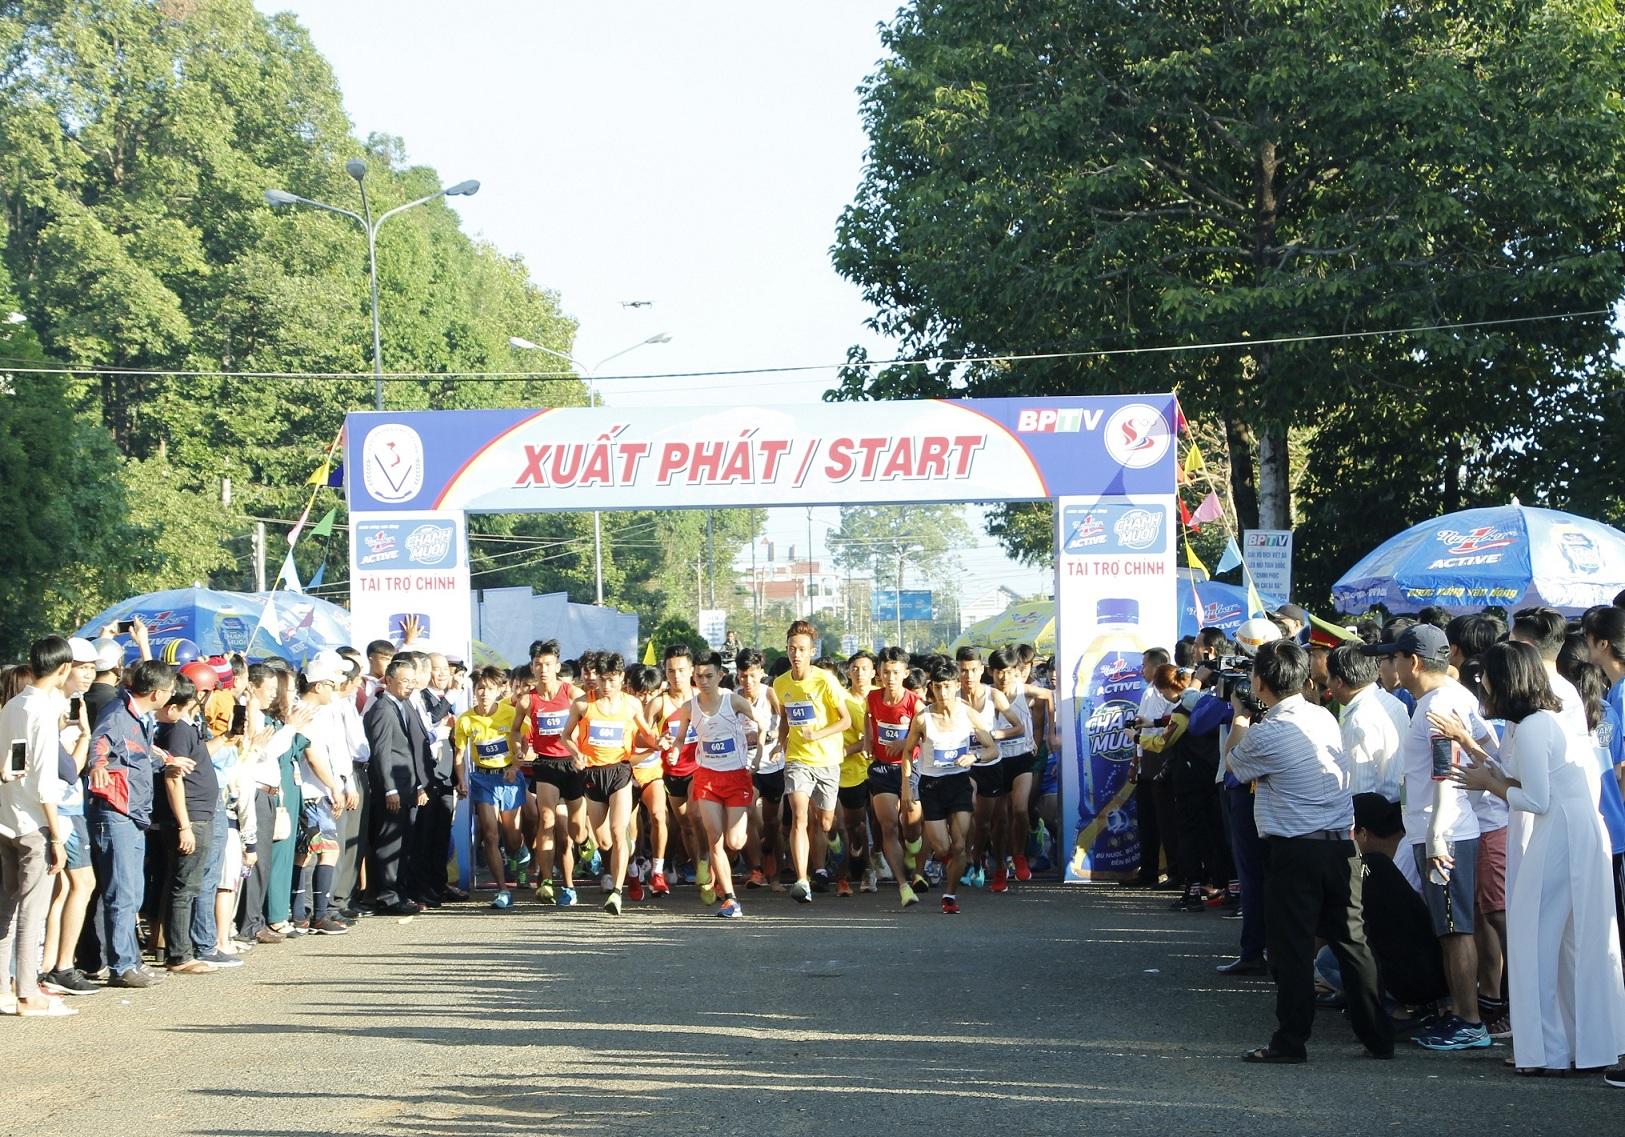 Giải diễn ra sôi nổi với sự tham dự của gần 700 vận động viên (VĐV)